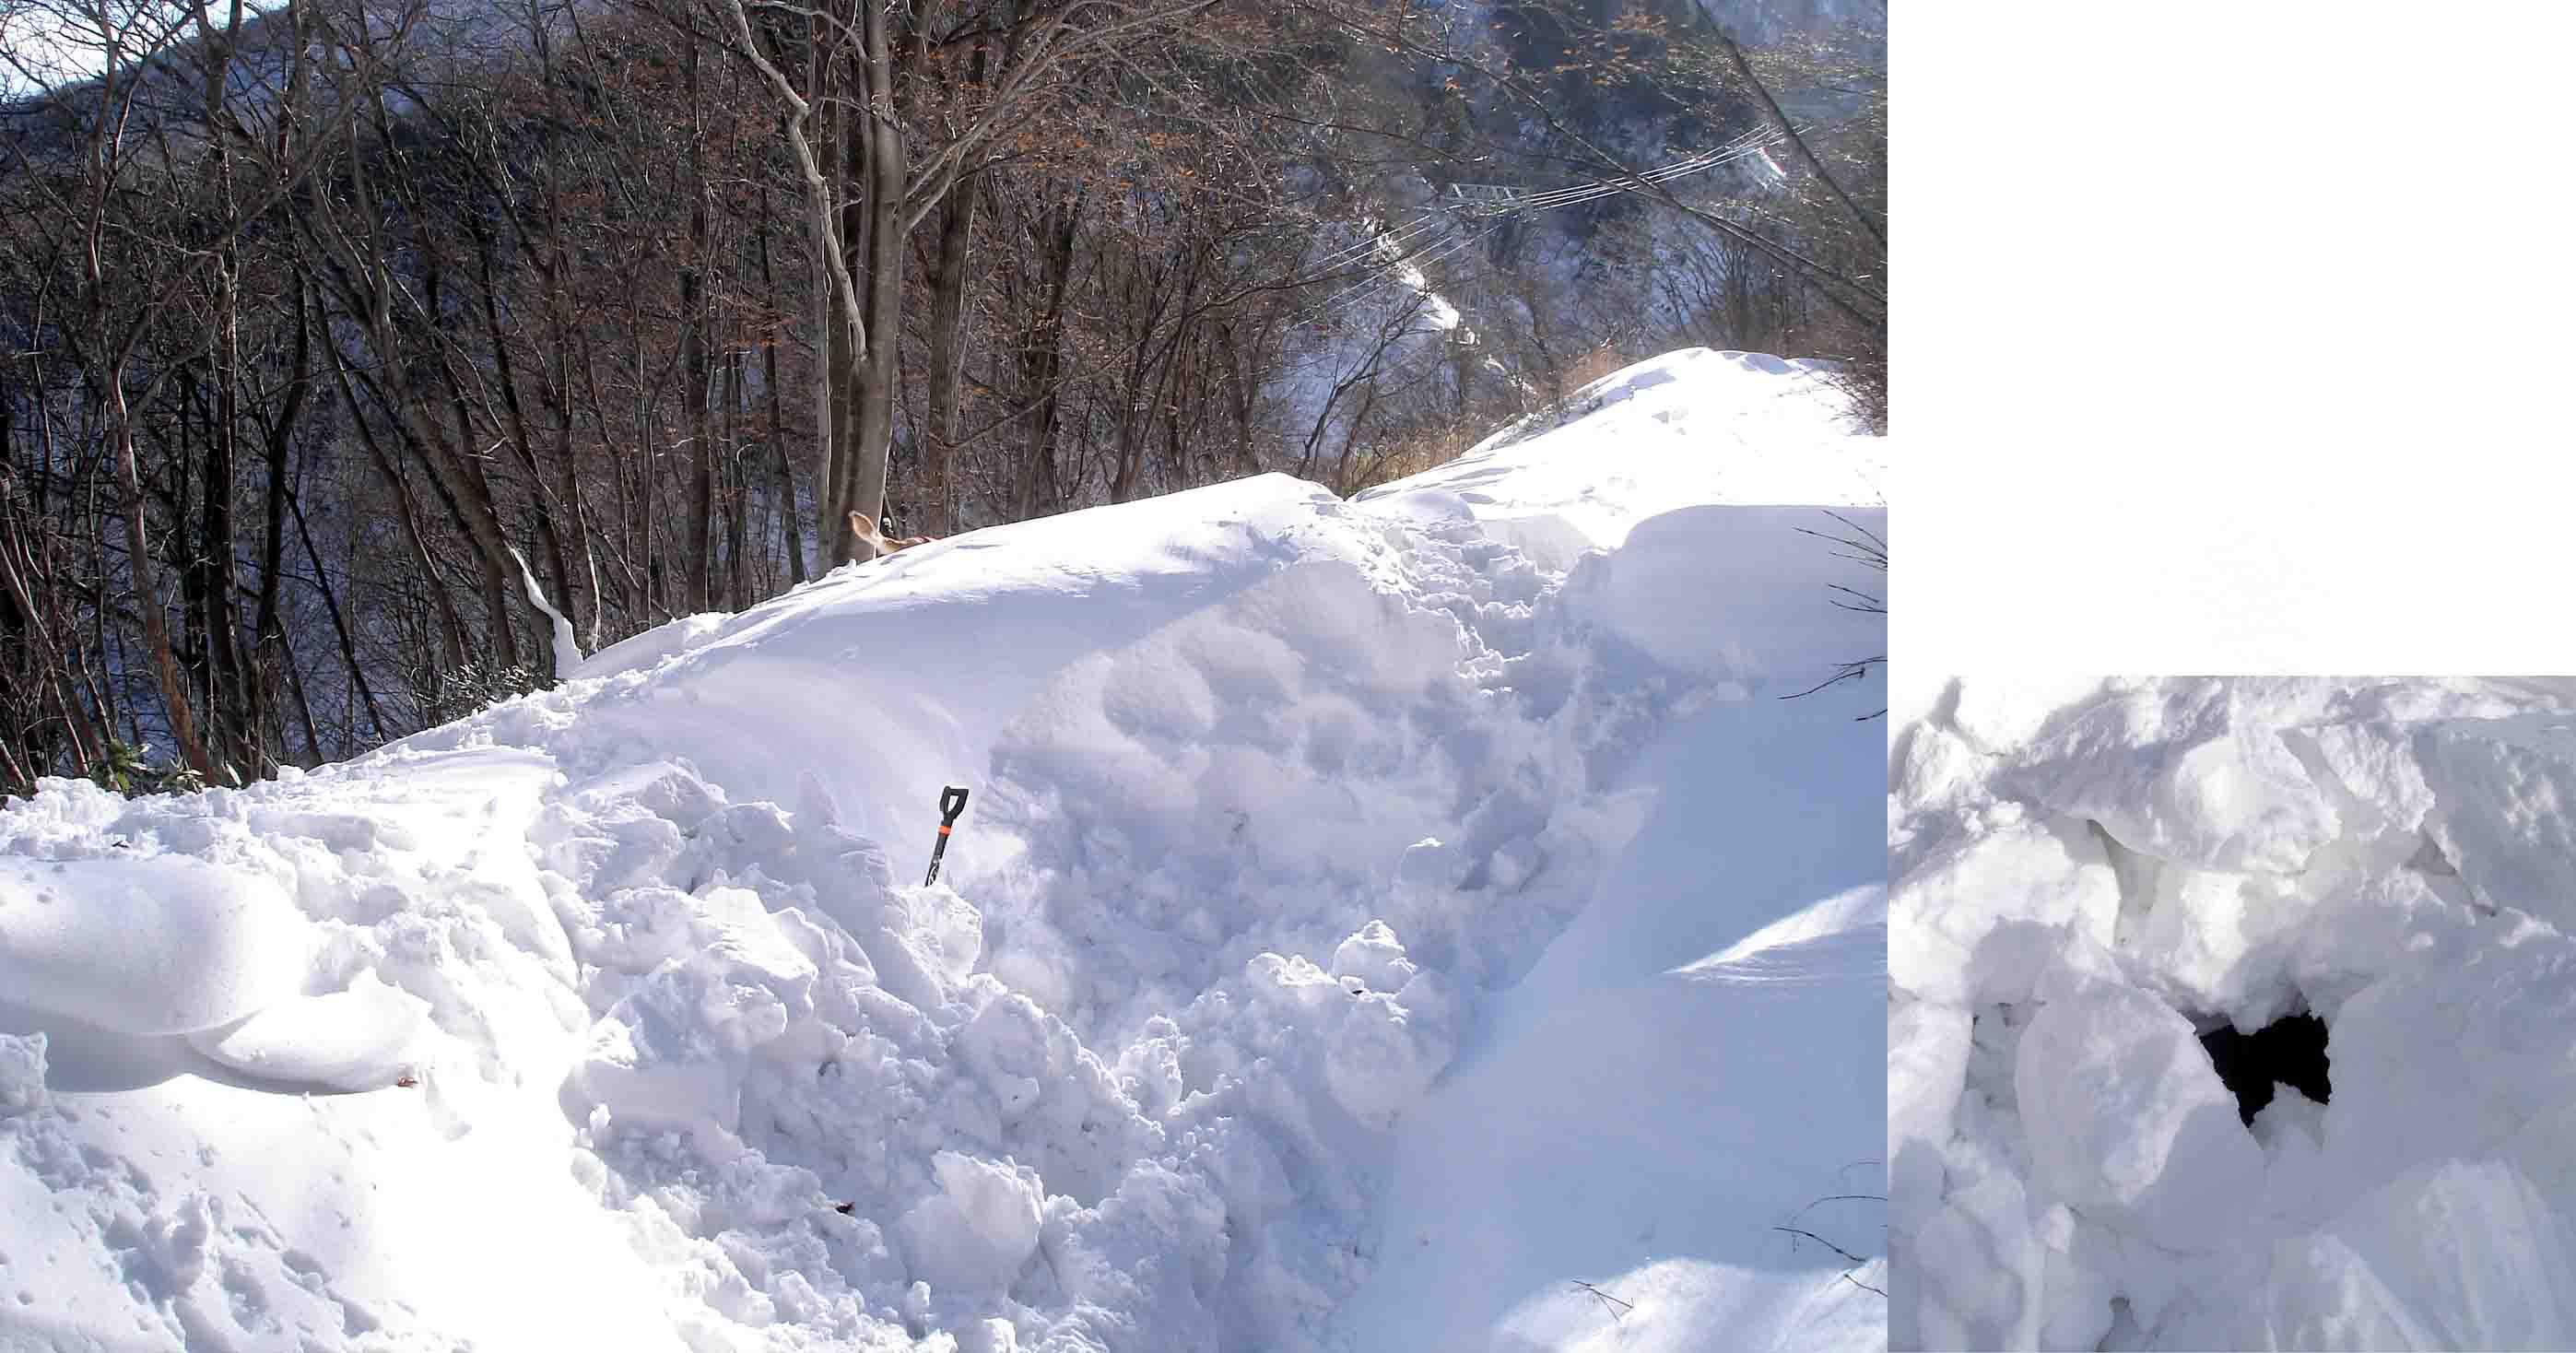 雪中捜索Ⅲ 見えない遭難者の設定